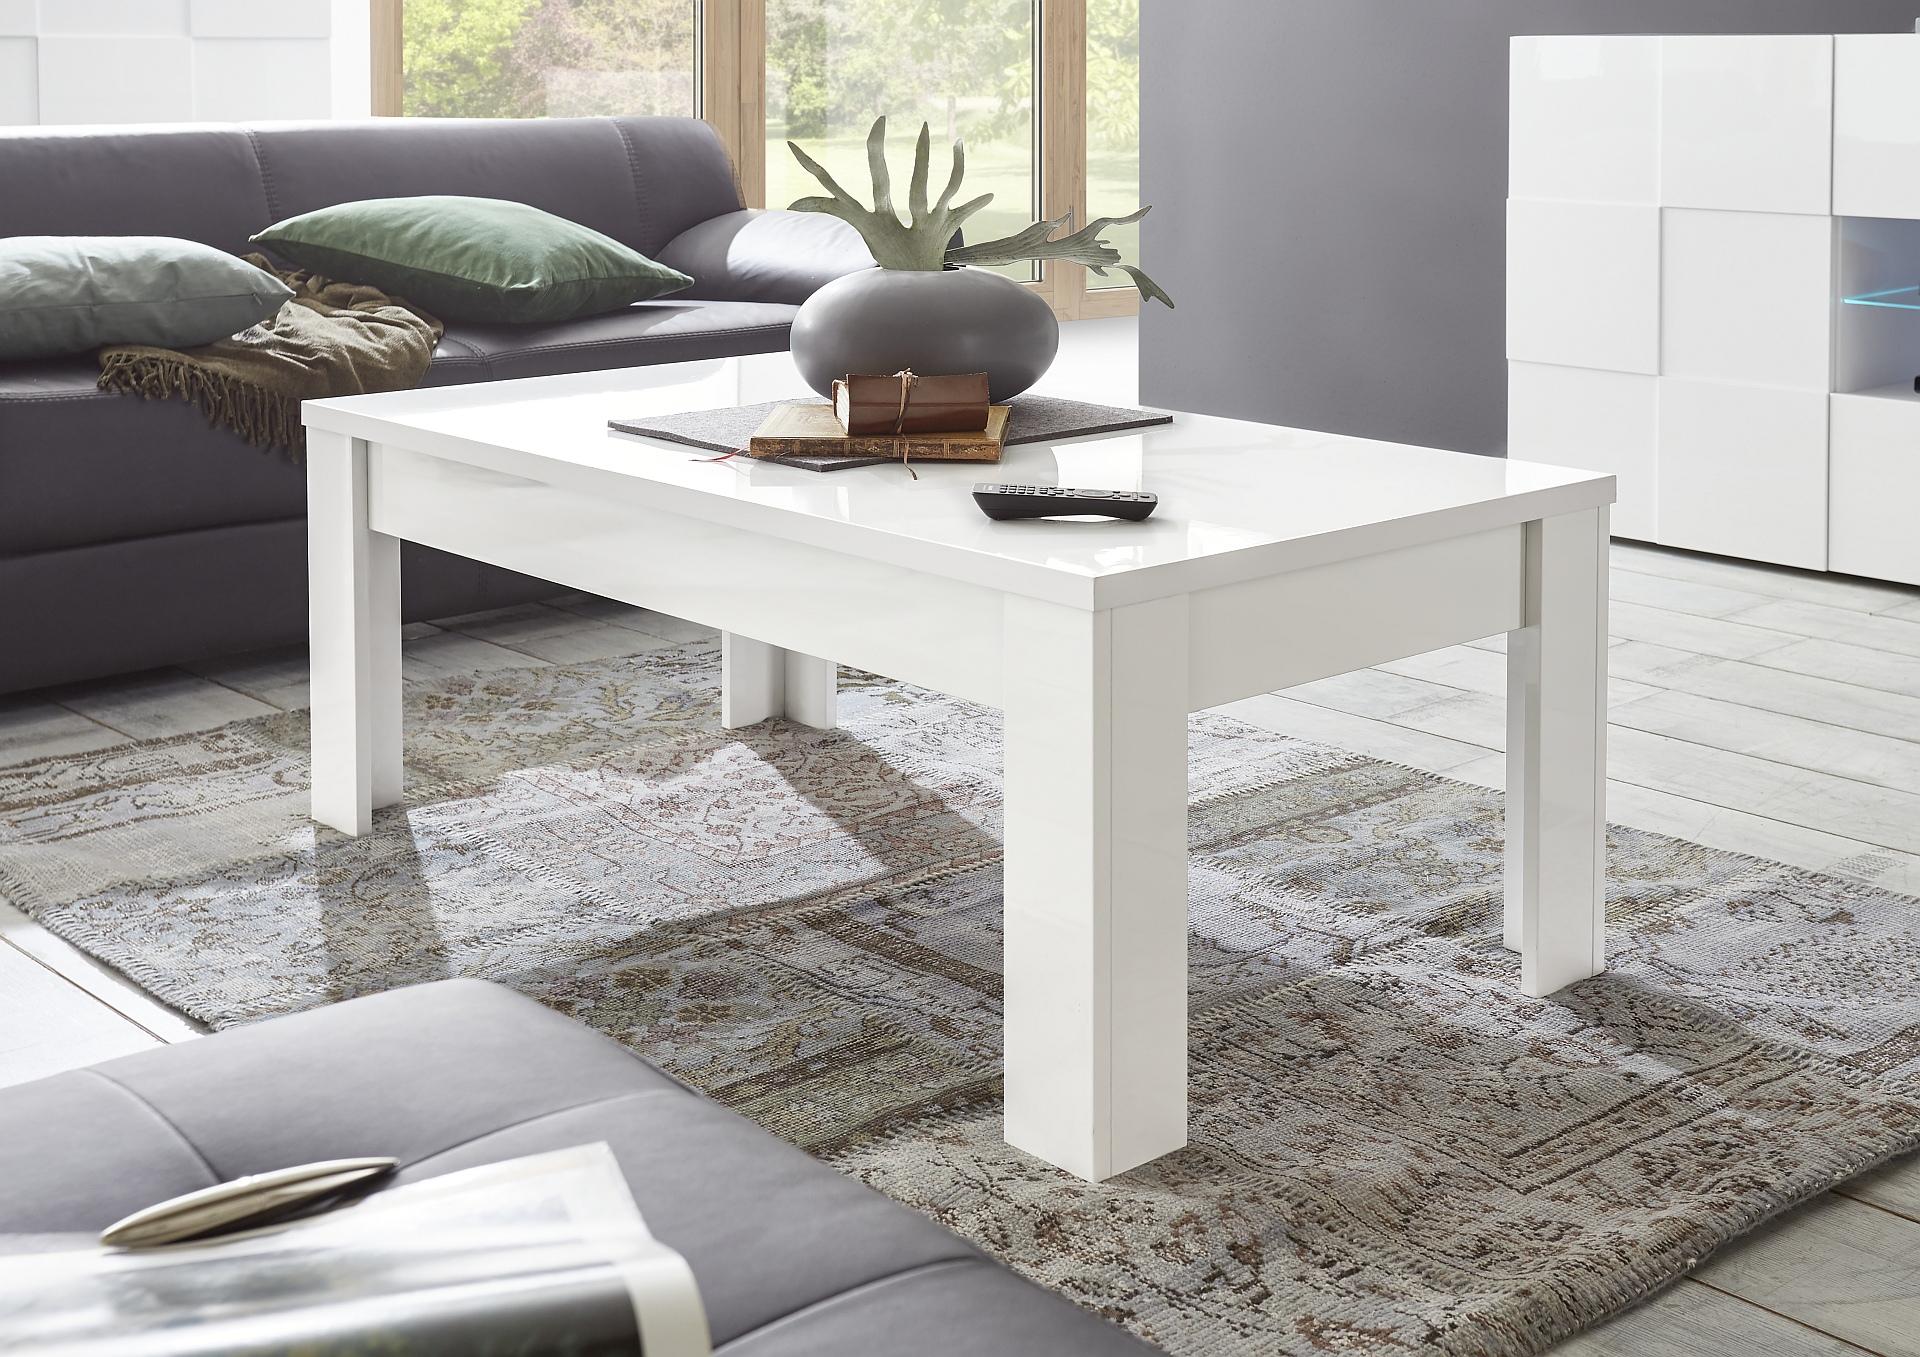 Salon Tafel Wit : Wit salontafel hoogglans kopen aktie wonen